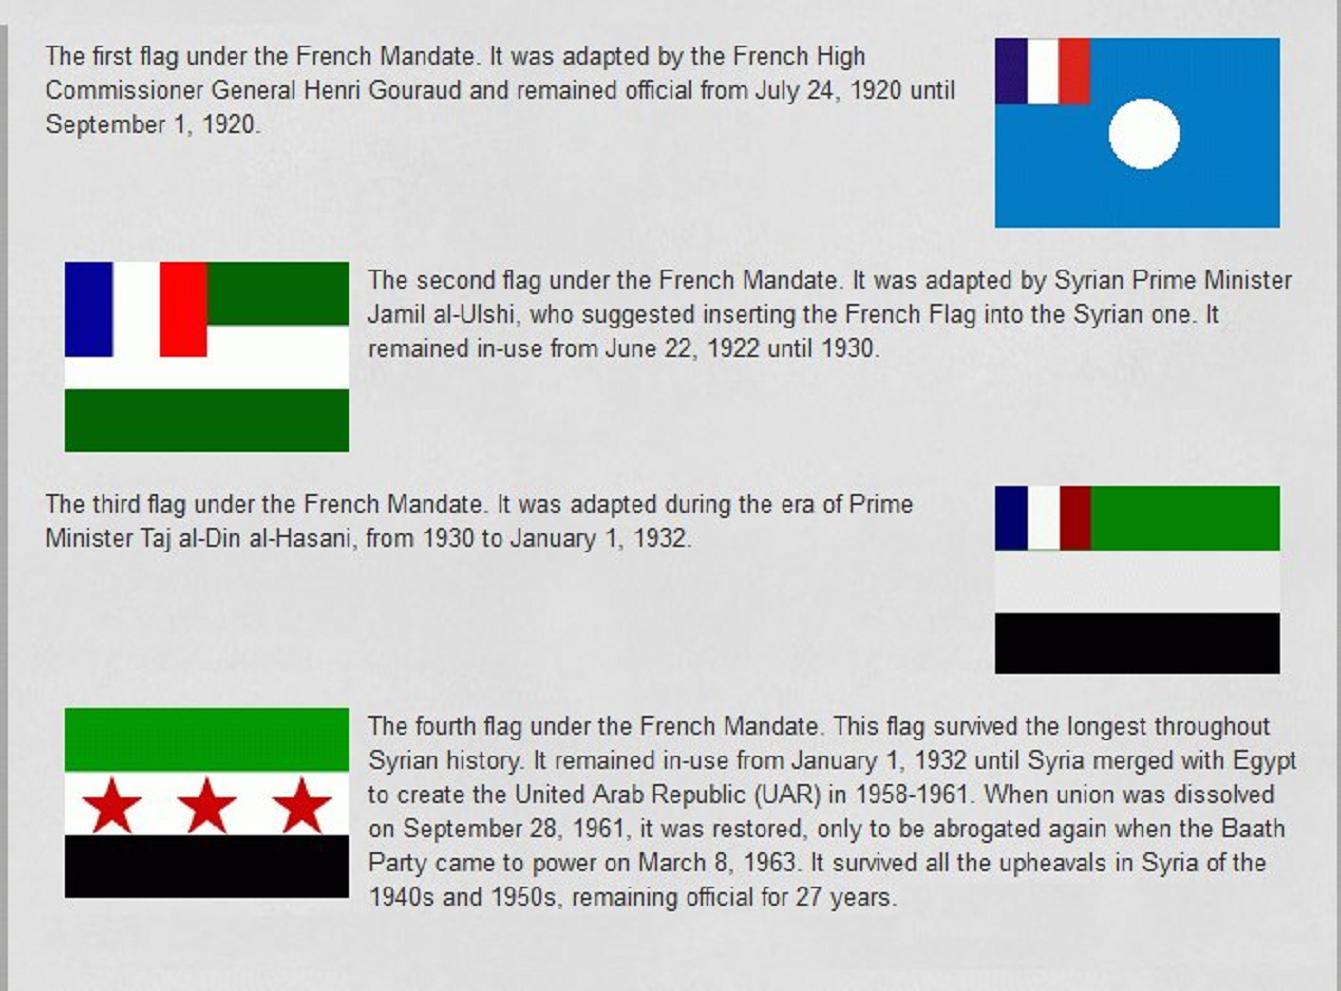 Οἱ τέσσερις σημαῖες τῆς Συρίας ποὺ ἀποκαλύπτουν...